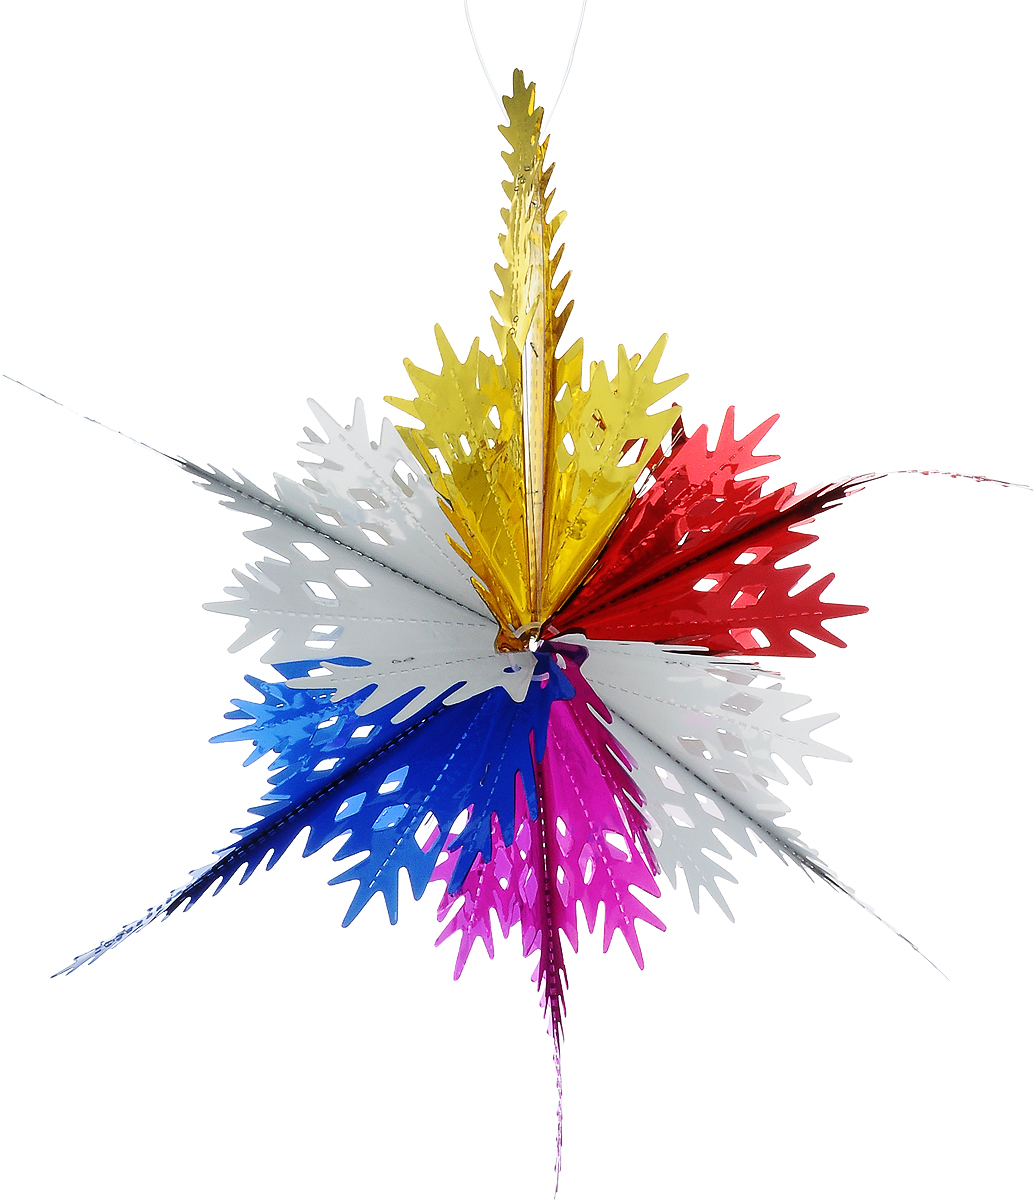 Украшение новогоднее подвесное Winter Wings Звезда, 41 х 41 х 12 смN180956Новогоднее украшение Winter Wings Звезда прекрасно подойдет для декора дома и праздничной елки. Изделие выполнено из ПВХ. С помощью специальной петельки украшение можно повесить в любом понравившемся вам месте. Легко складывается и раскладывается.Новогодние украшения несут в себе волшебство и красоту праздника. Они помогут вам украсить дом к предстоящим праздникам и оживить интерьер по вашему вкусу. Создайте в доме атмосферу тепла, веселья и радости, украшая его всей семьей.Размер украшения: 41 х 41 х 12 см.